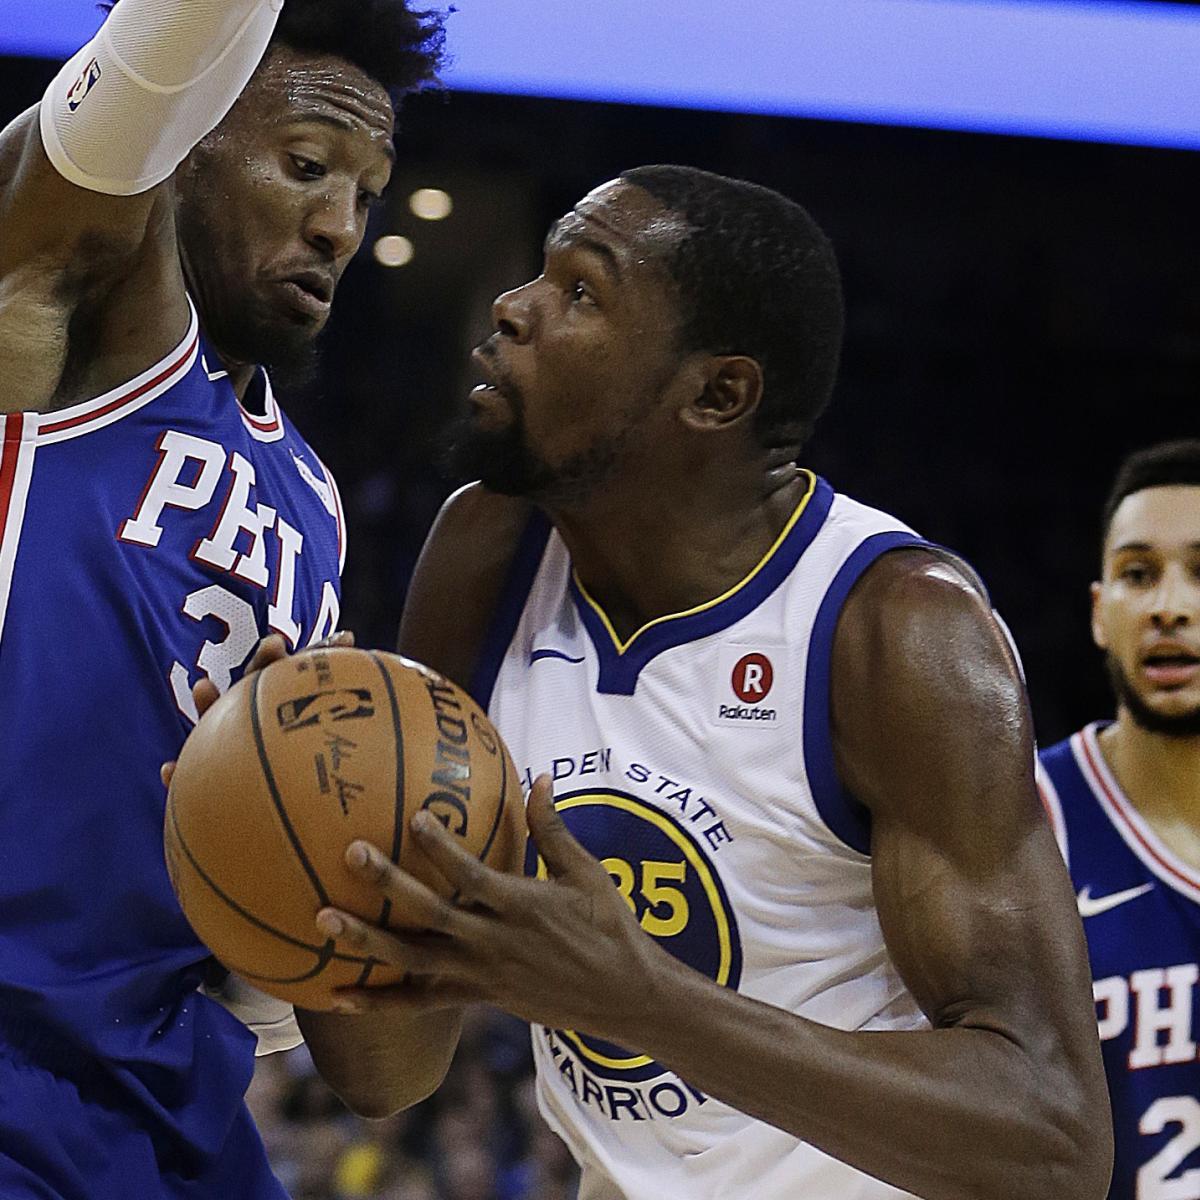 Bleacher Report Nba Staff S 2019 Playoff Predictions: Bleacher Report's Staff NBA Playoff Predictions